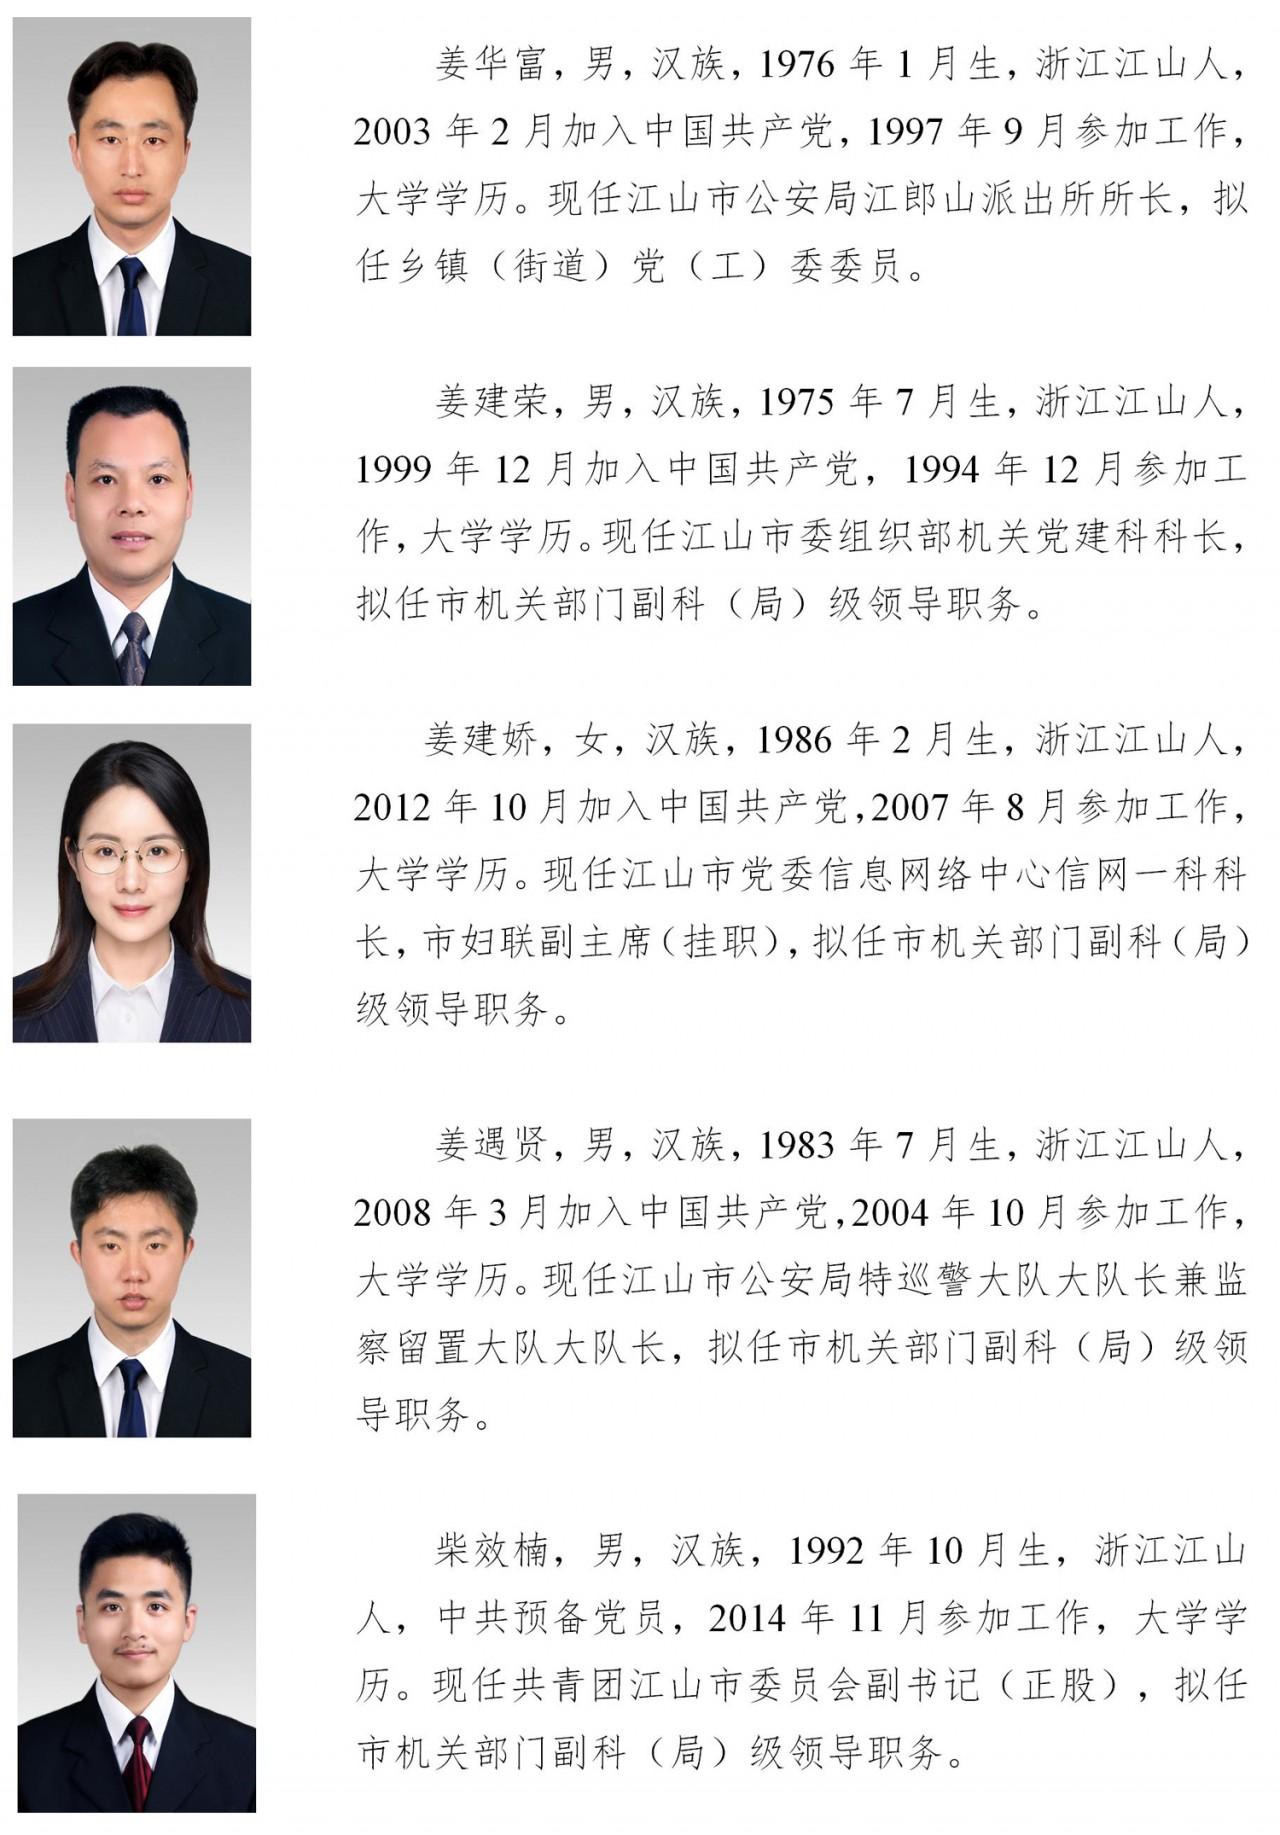 江山市領導干部任前公示通-05.jpg